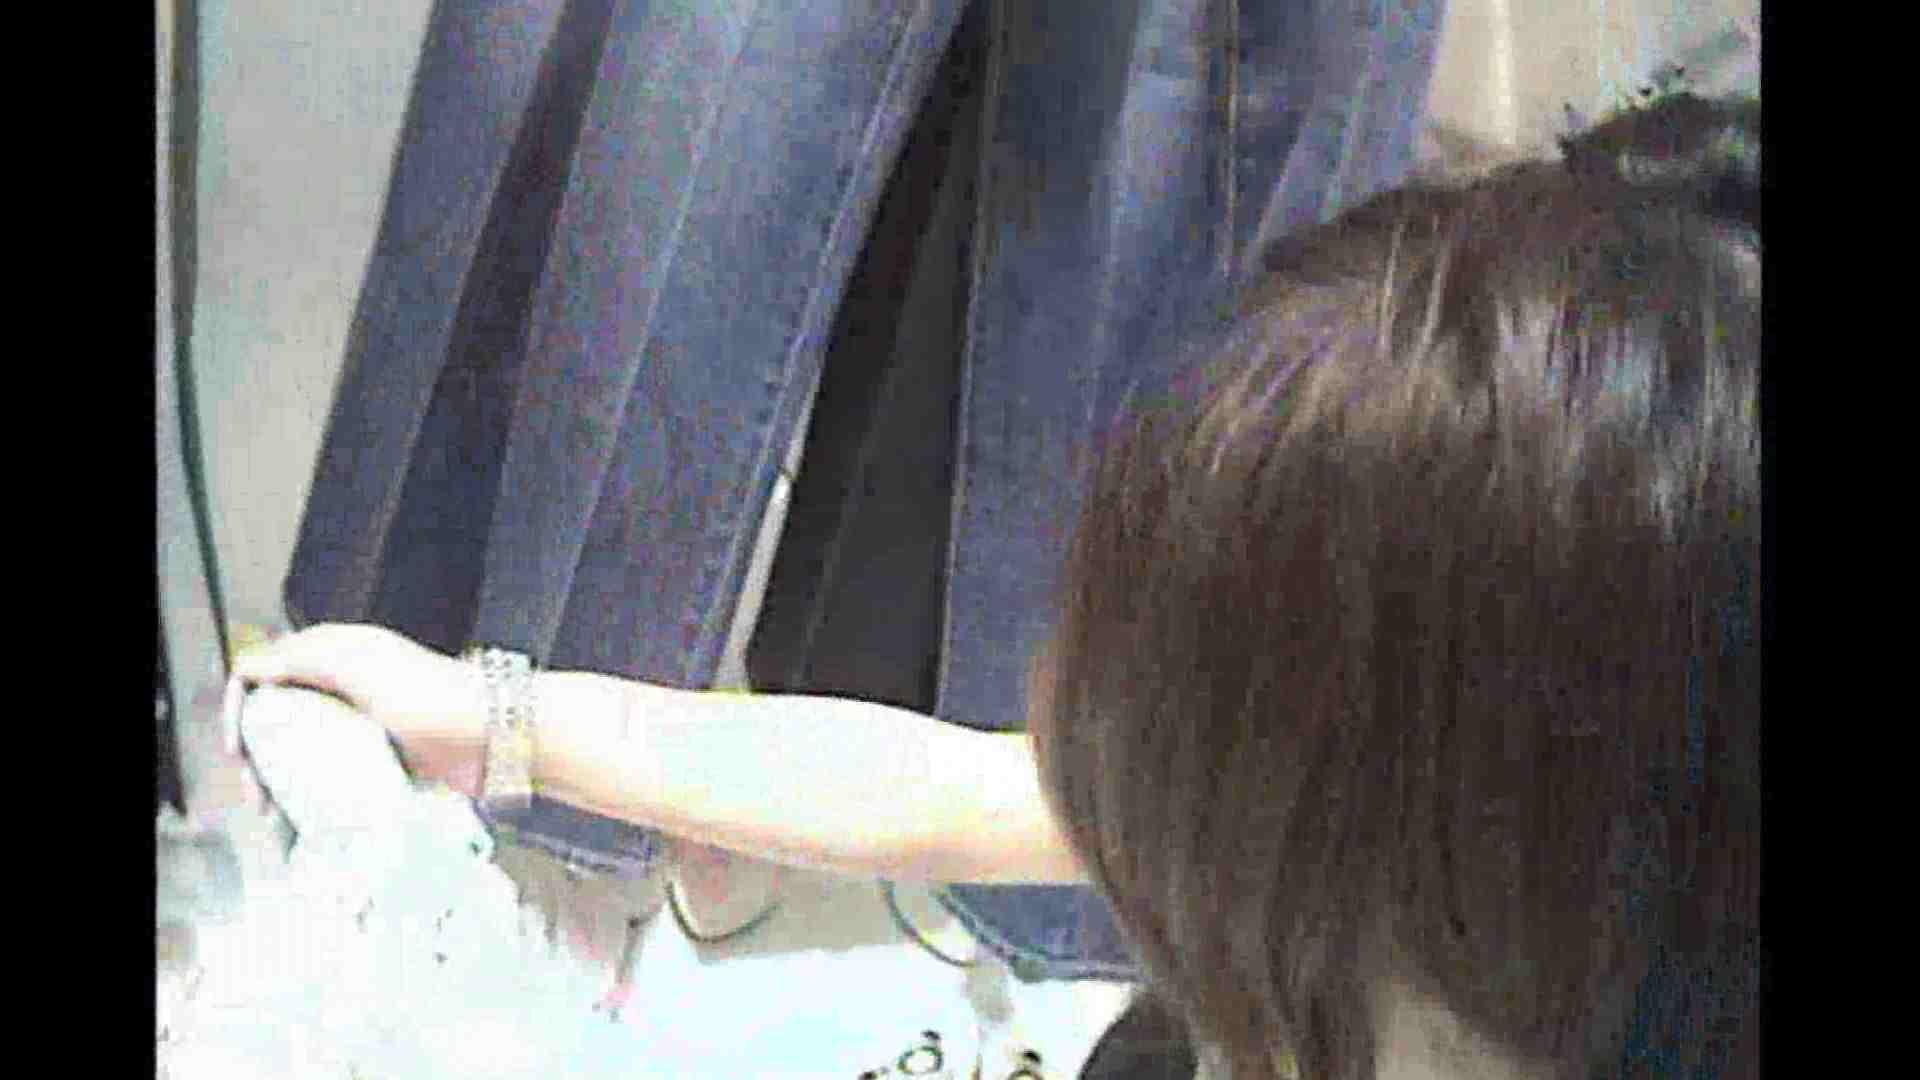 働く美女の谷間参拝 Vol.34 美女エロ画像 AV動画キャプチャ 75PICs 68